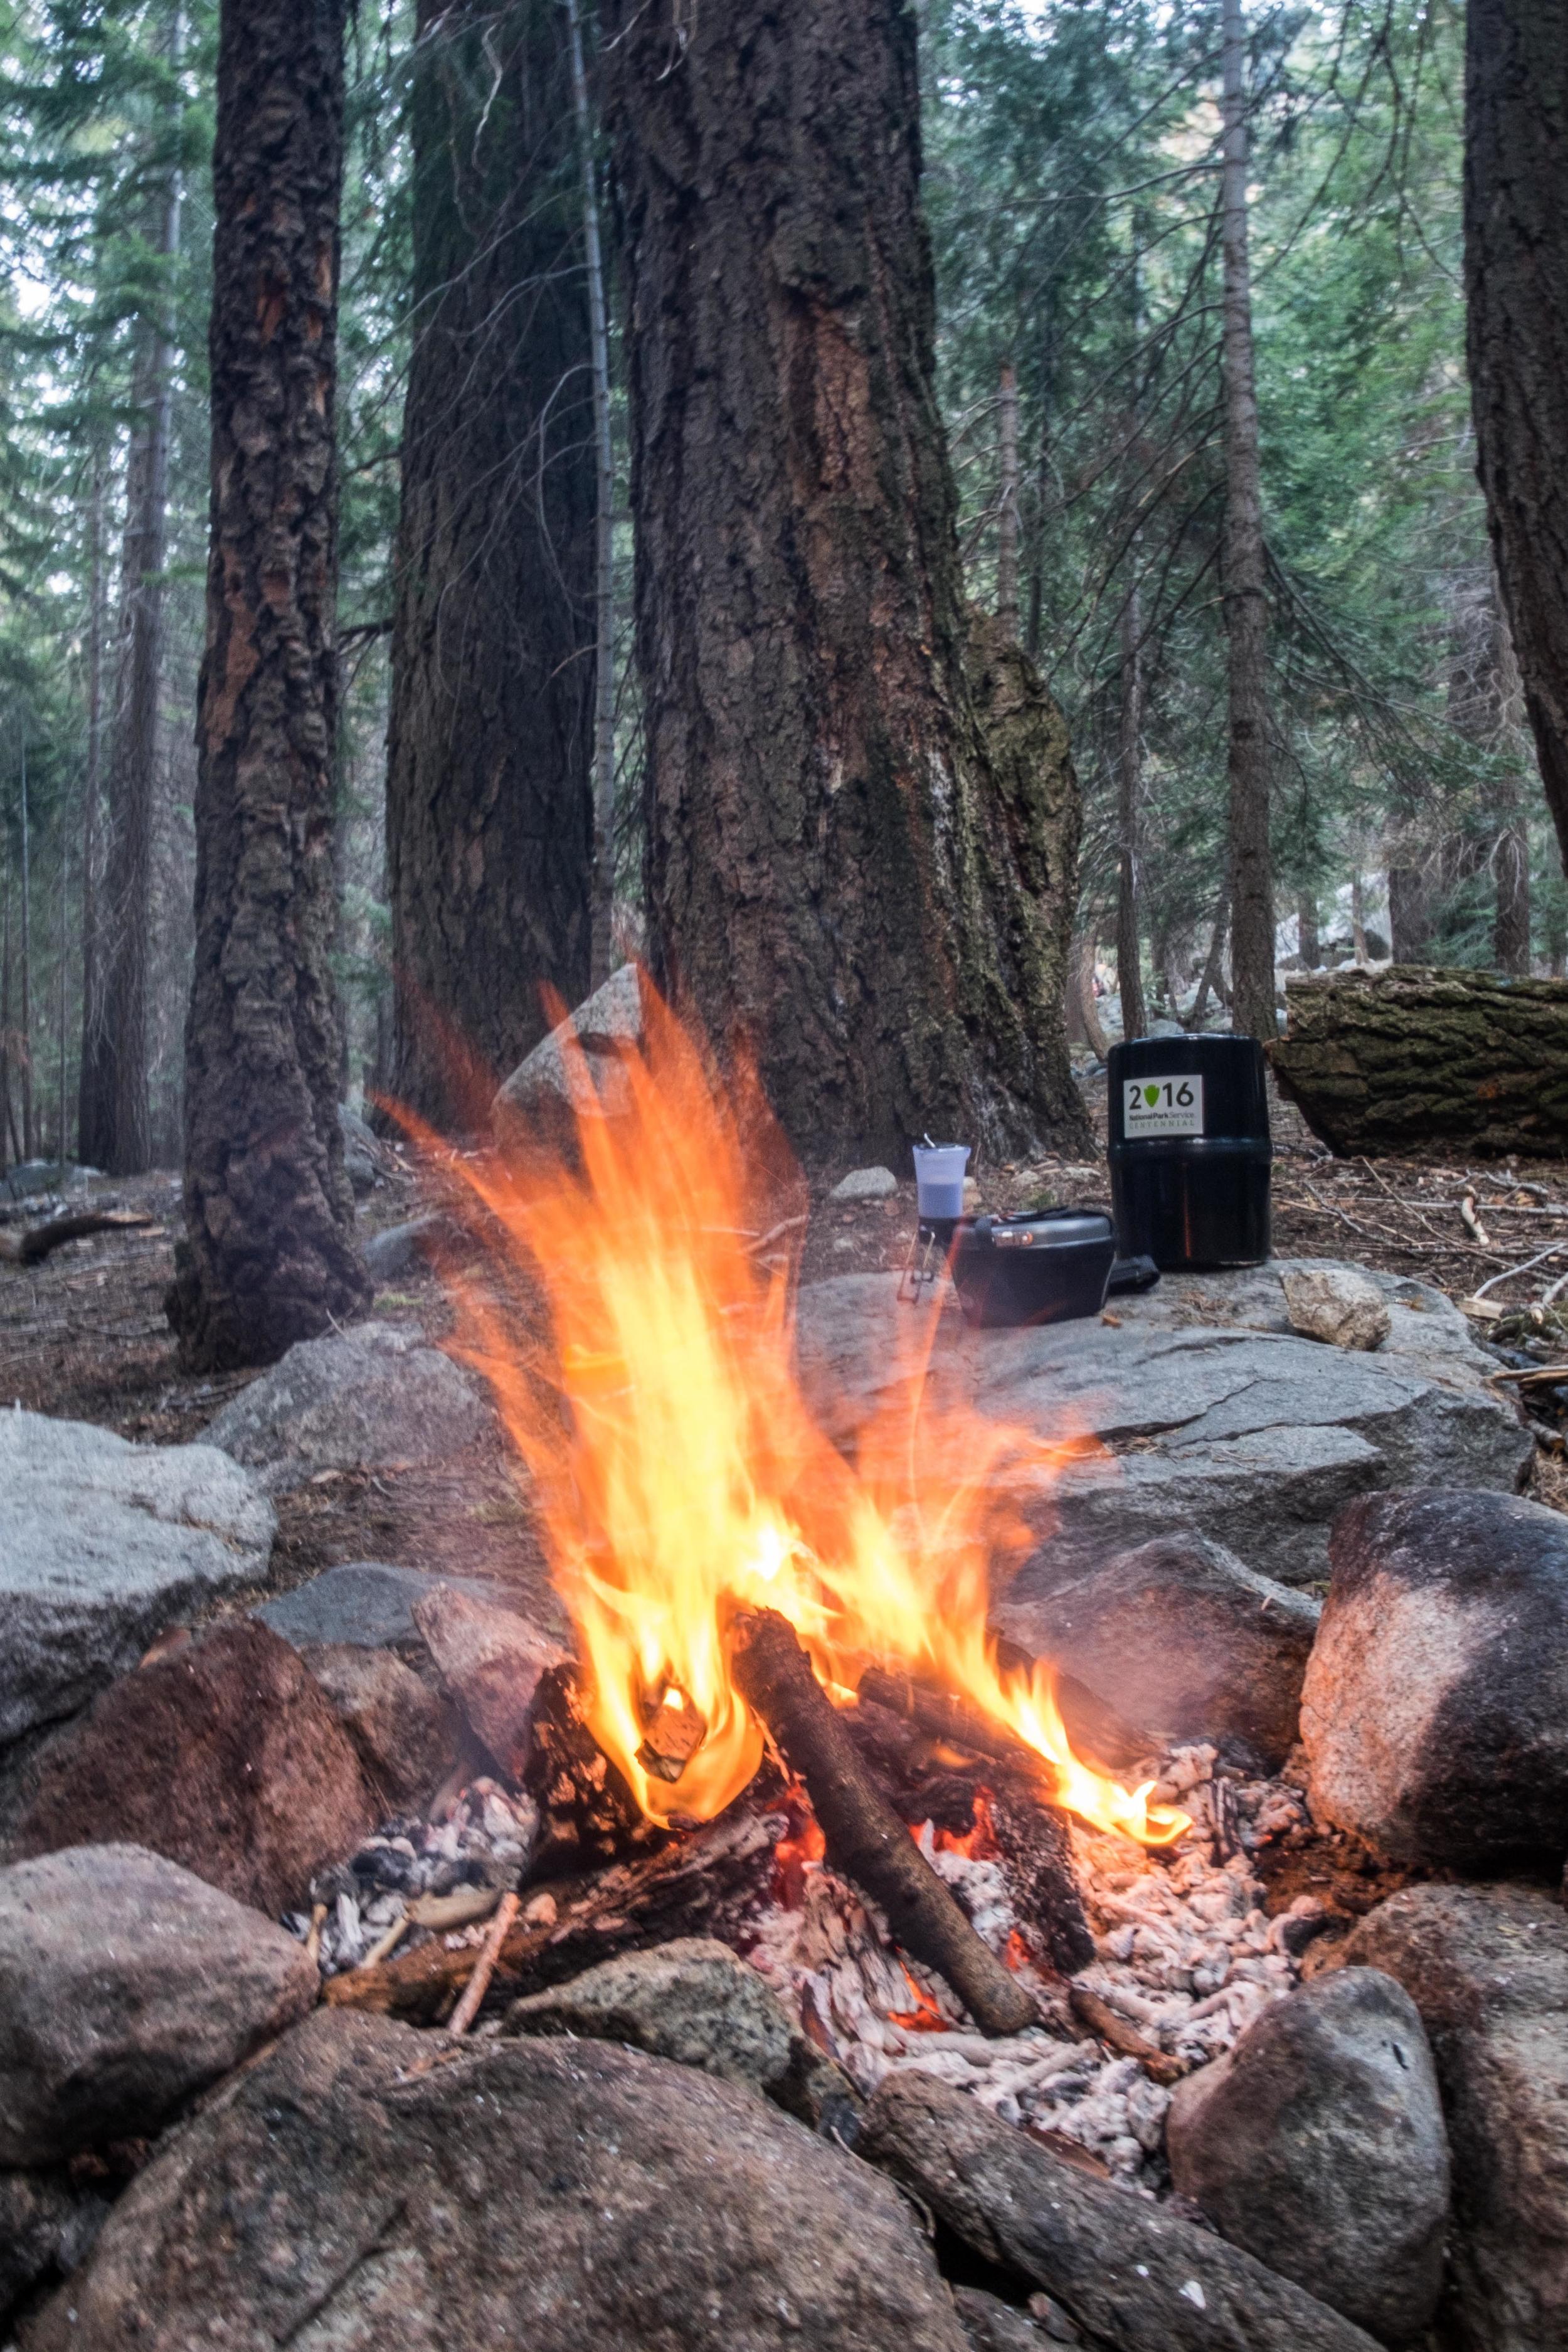 Let the free firewood roar!